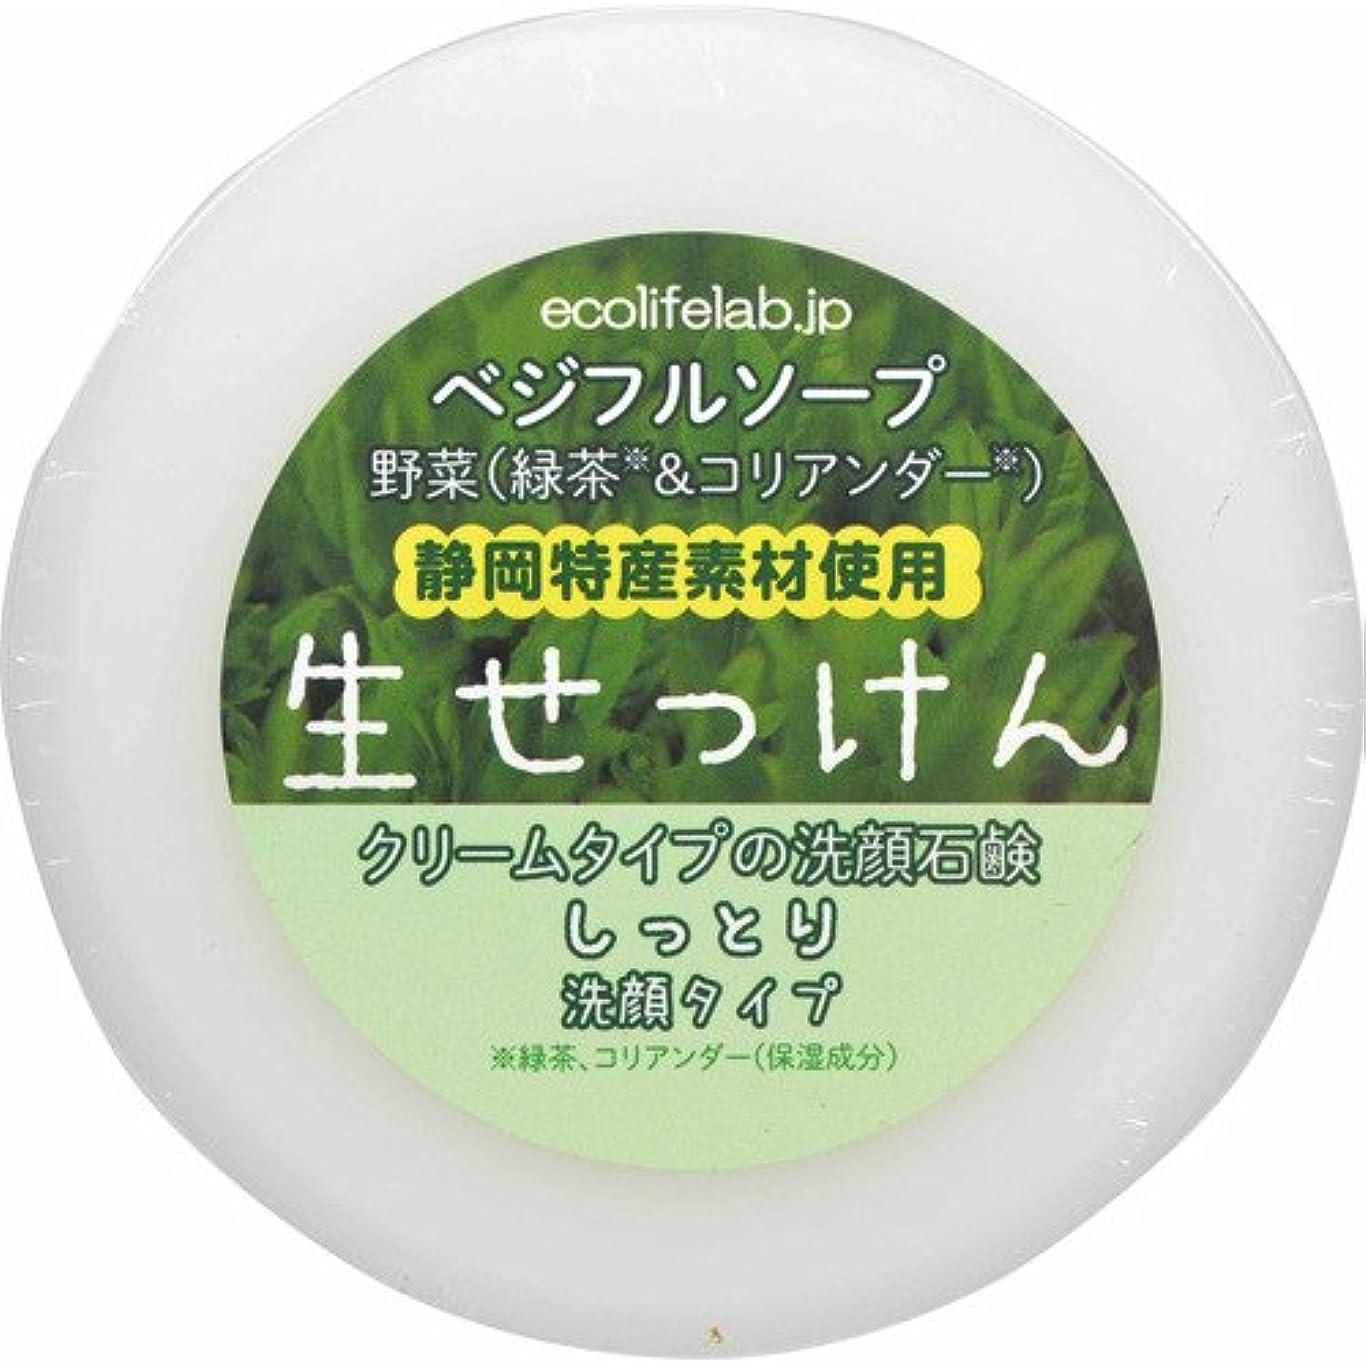 ネクタイ真鍮省ベジフルソープ 生せっけん(野菜) しっとり洗顔タイプ 100g